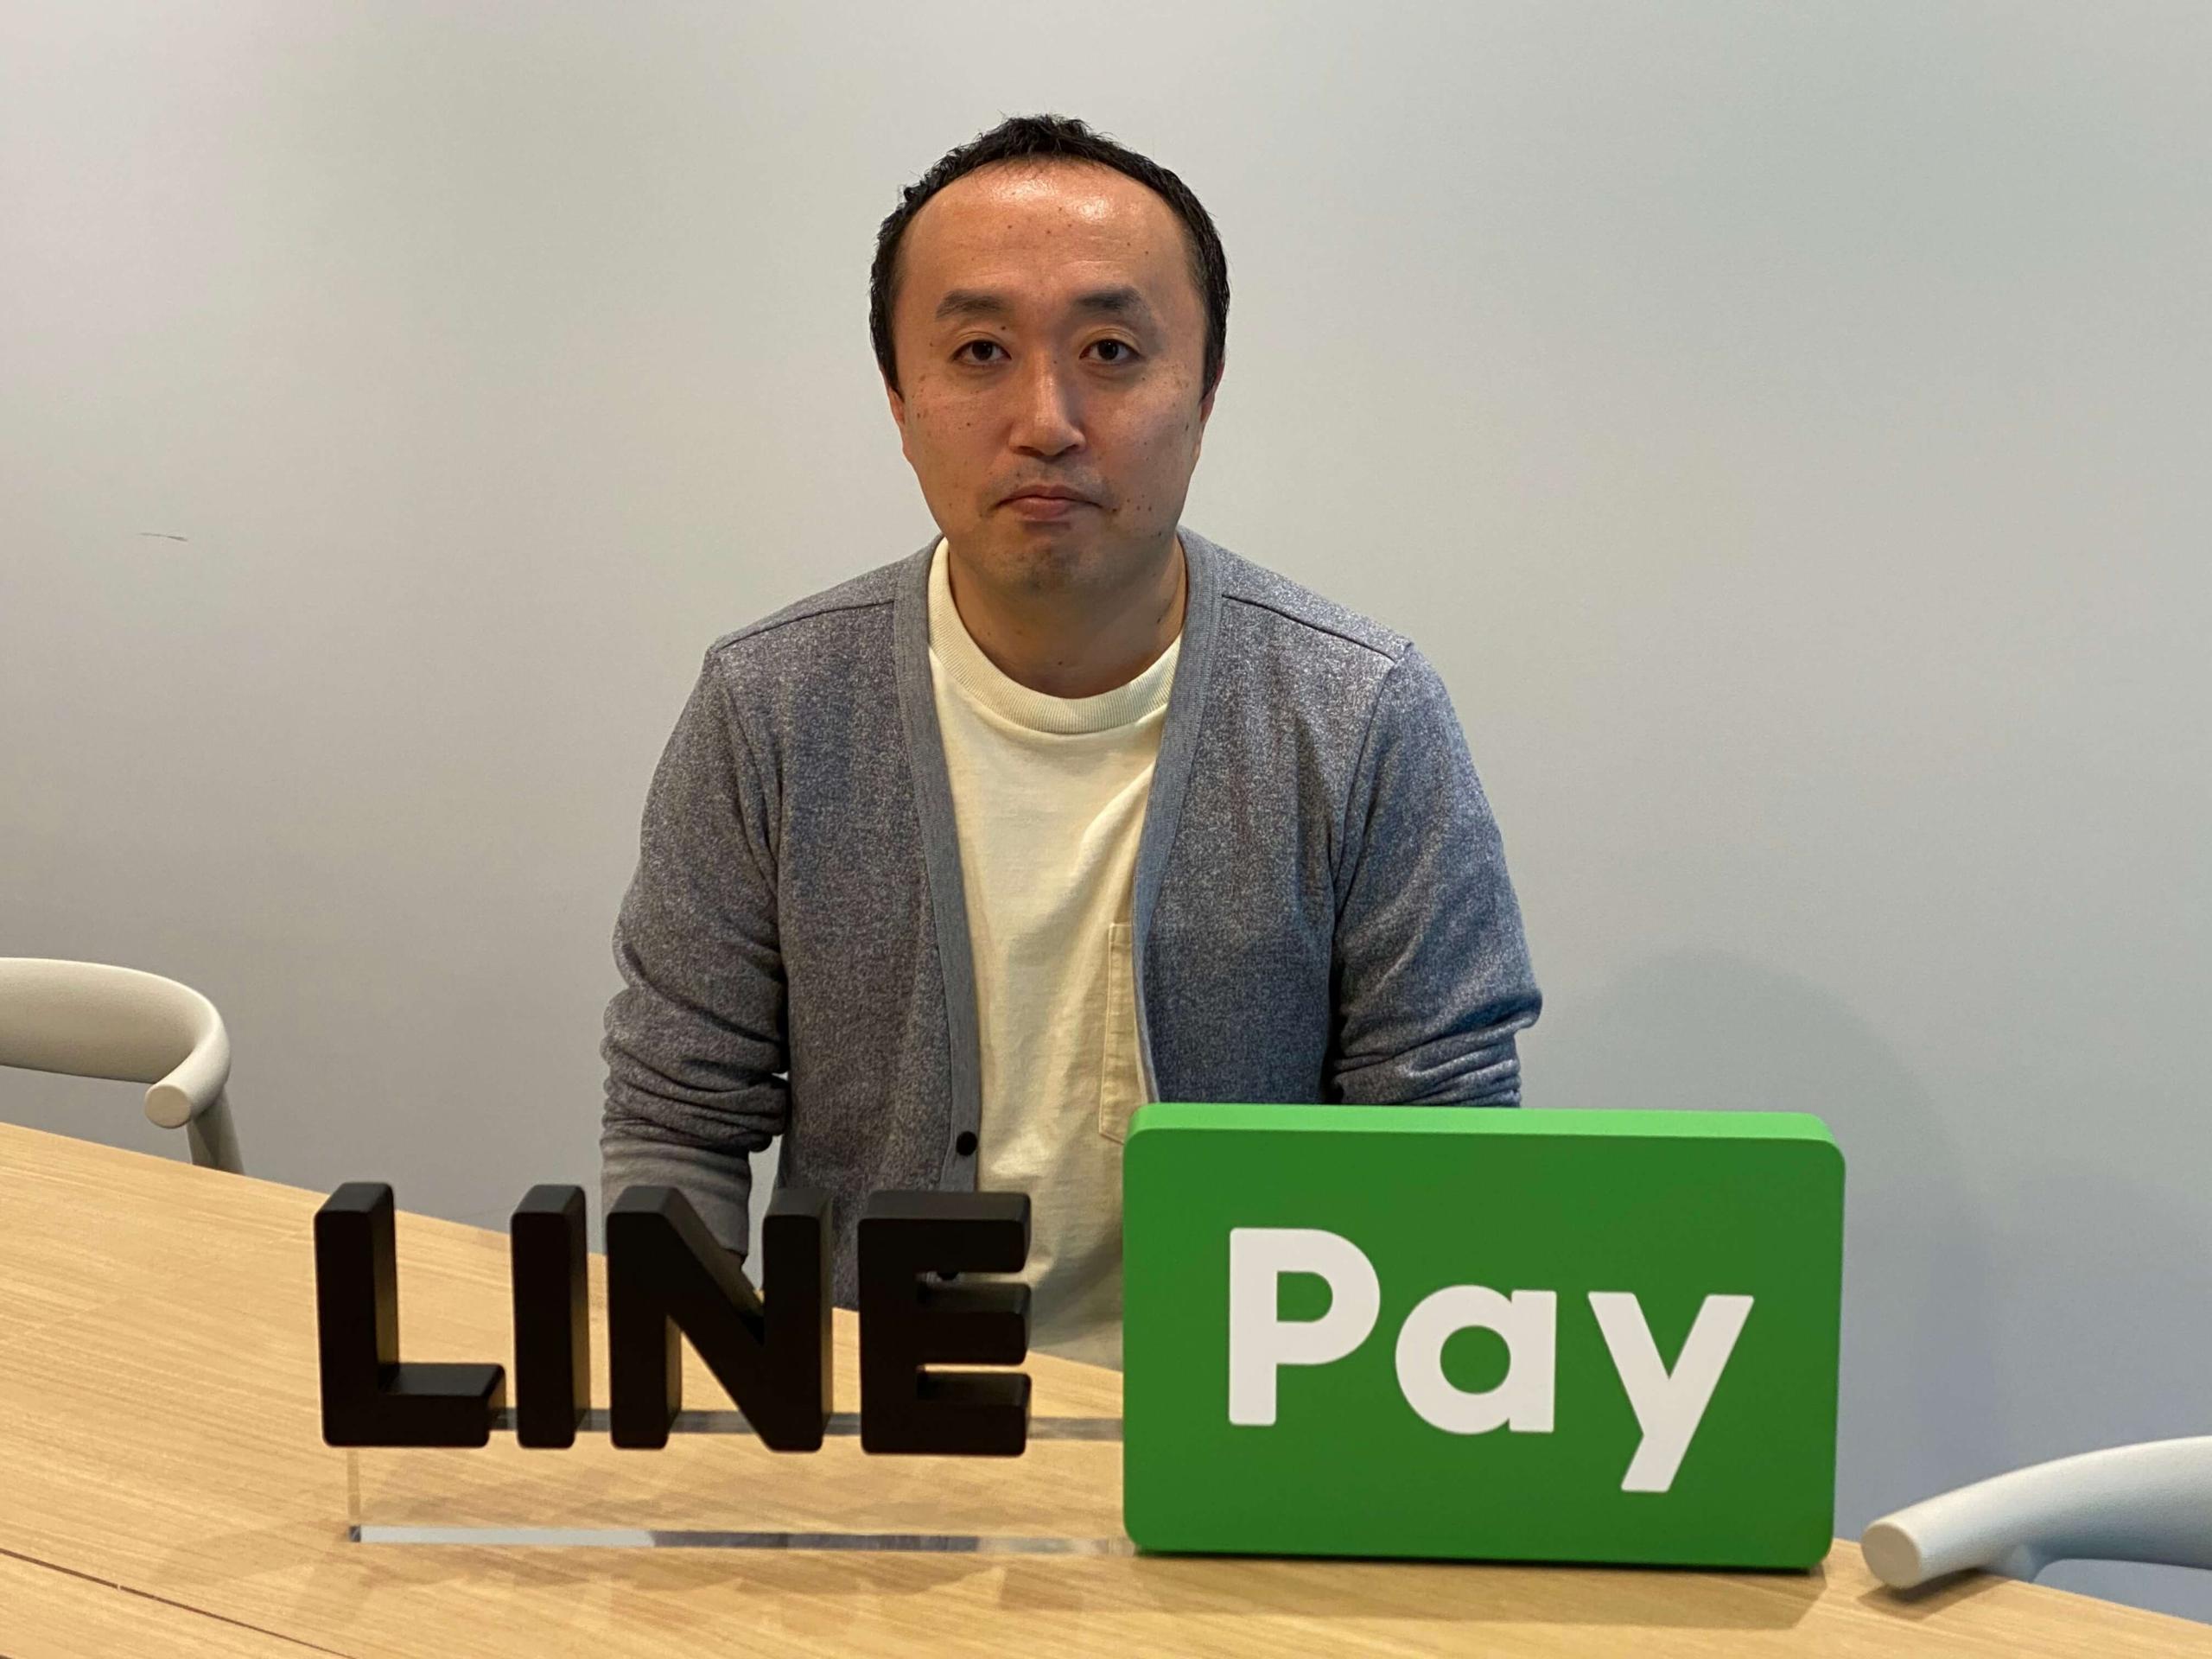 「LINEの金融サービスにも興味を持ち、使っていただくきっかけを作ることが我々の目指している姿」